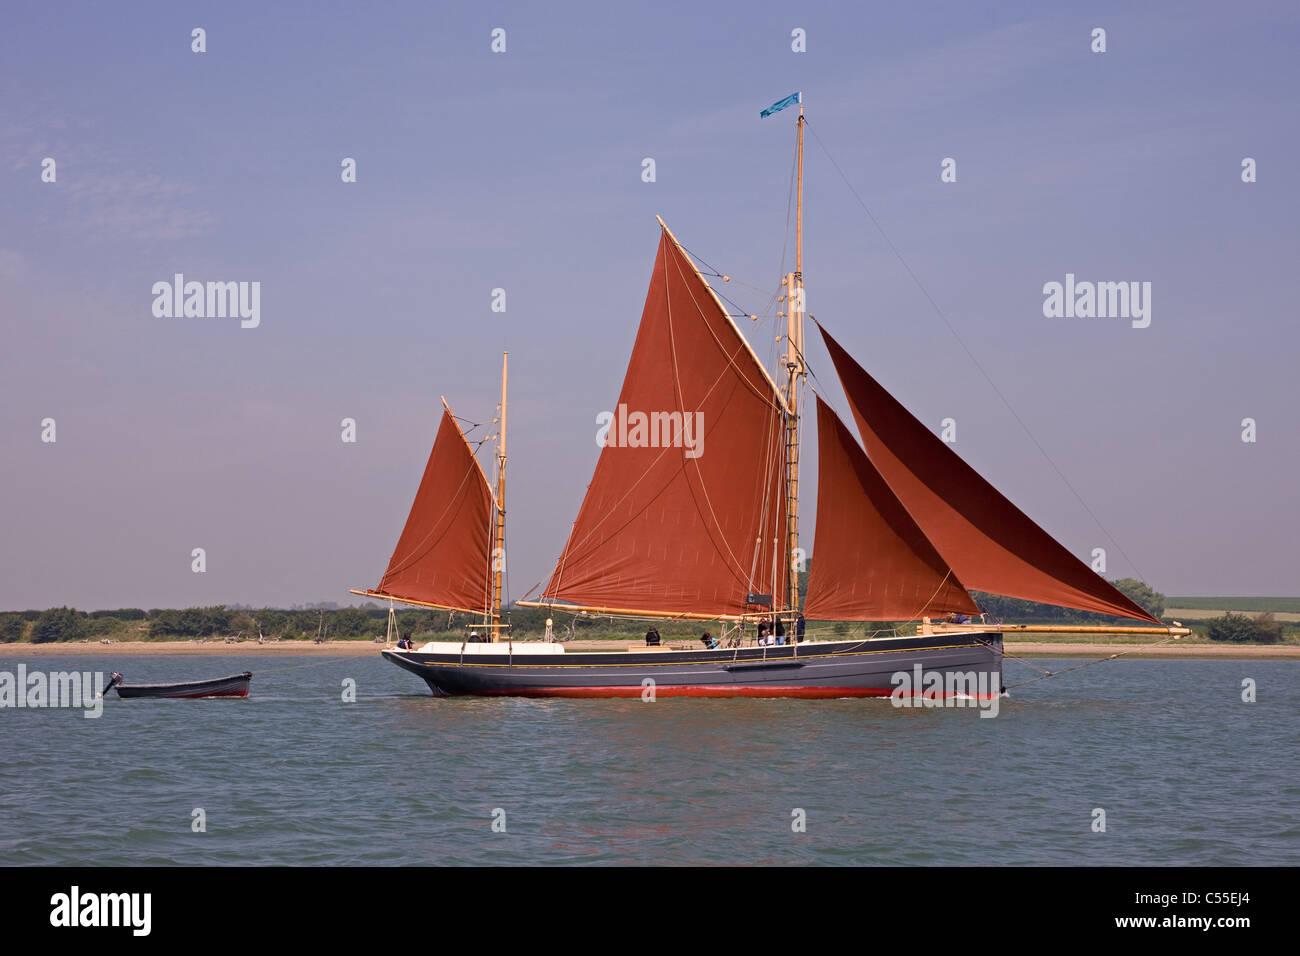 A sailing fishing smack on the East Coast,UK - Stock Image